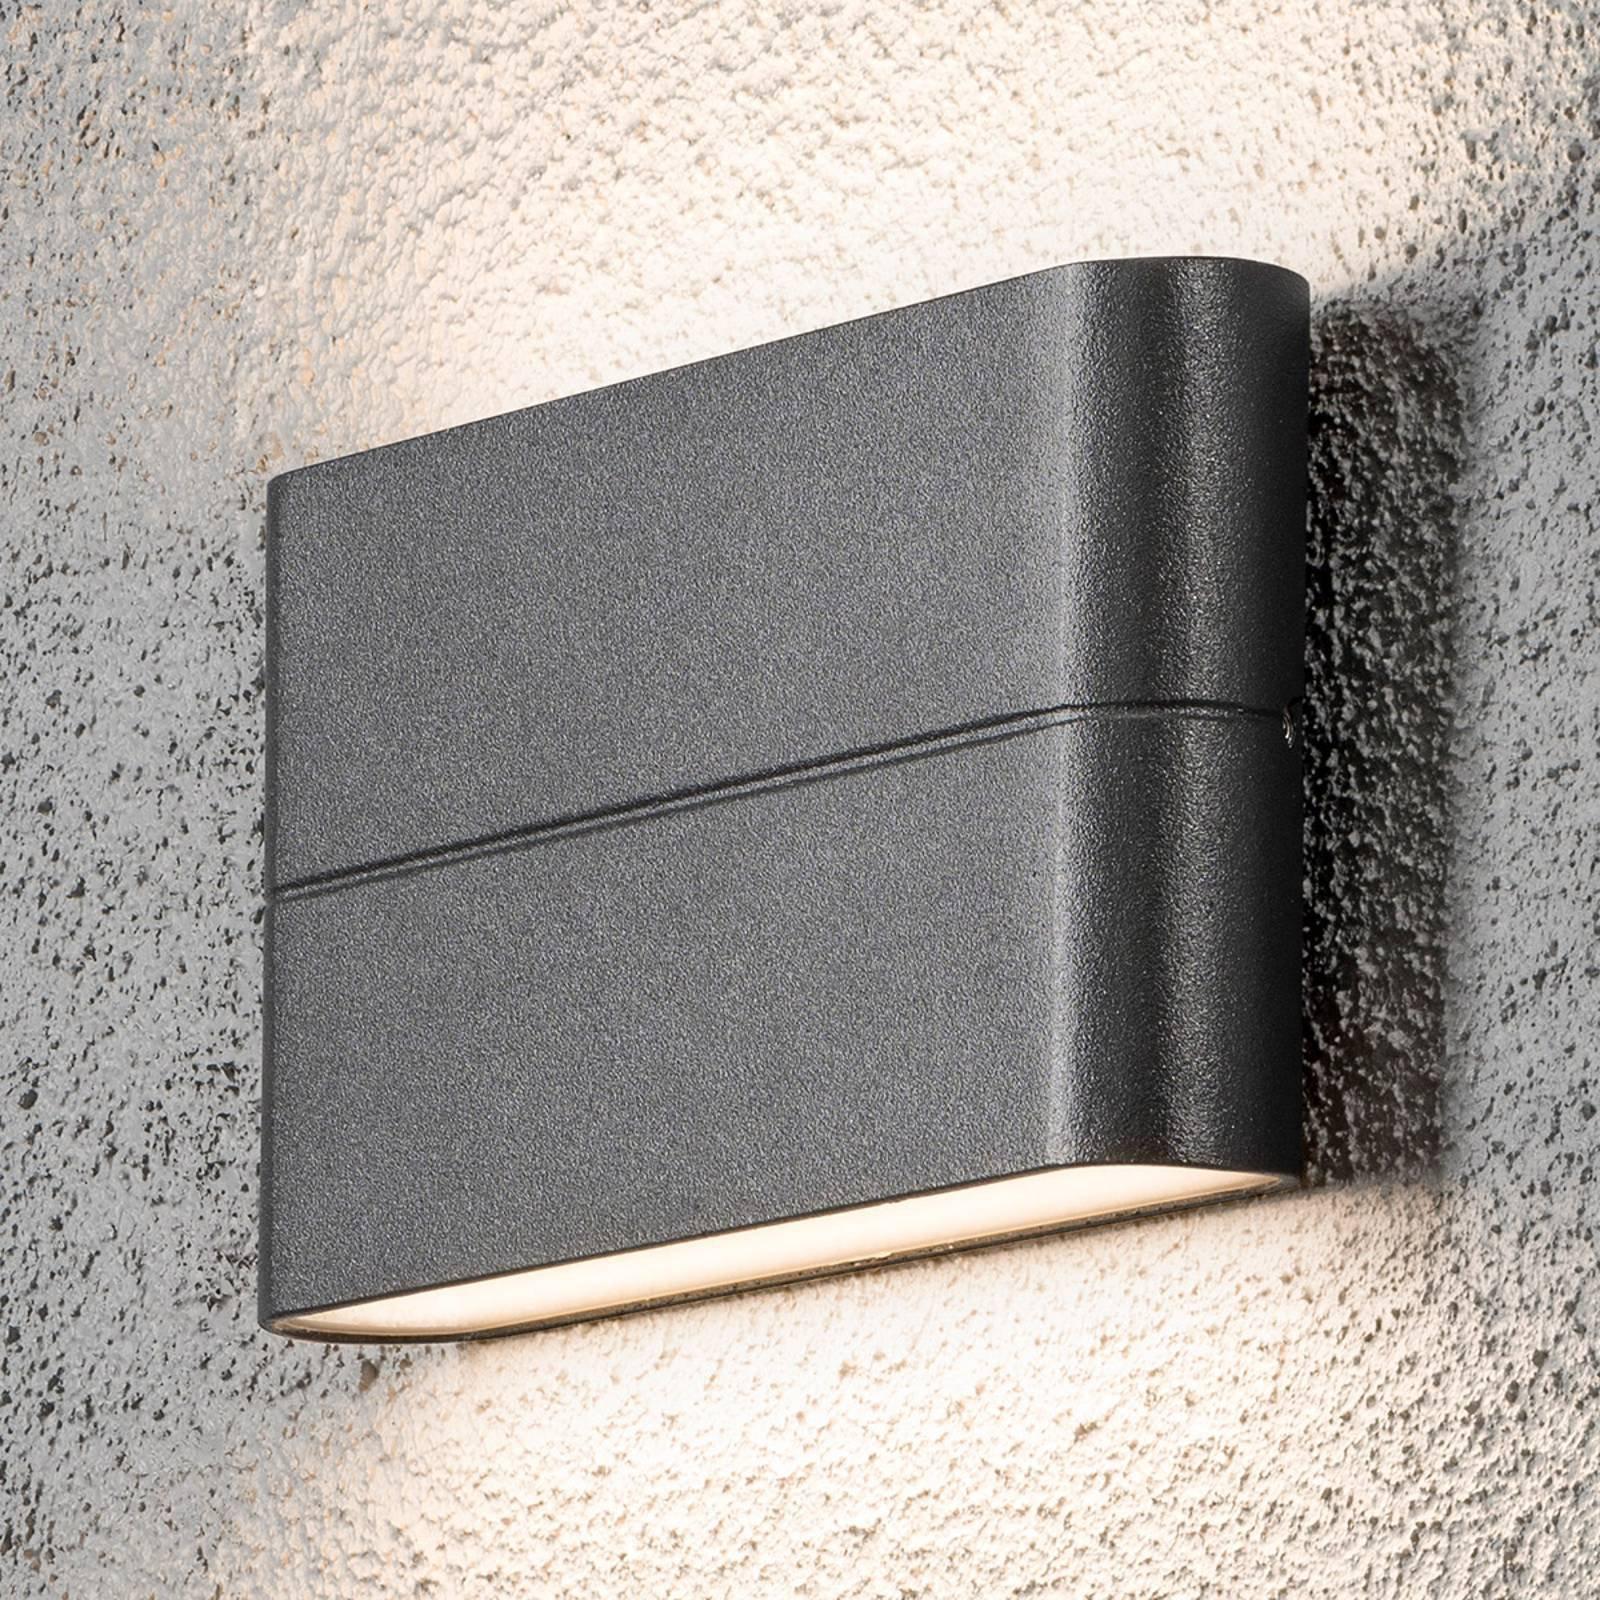 Chieri utendørs LED-vegglampe 17 cm antrasitt